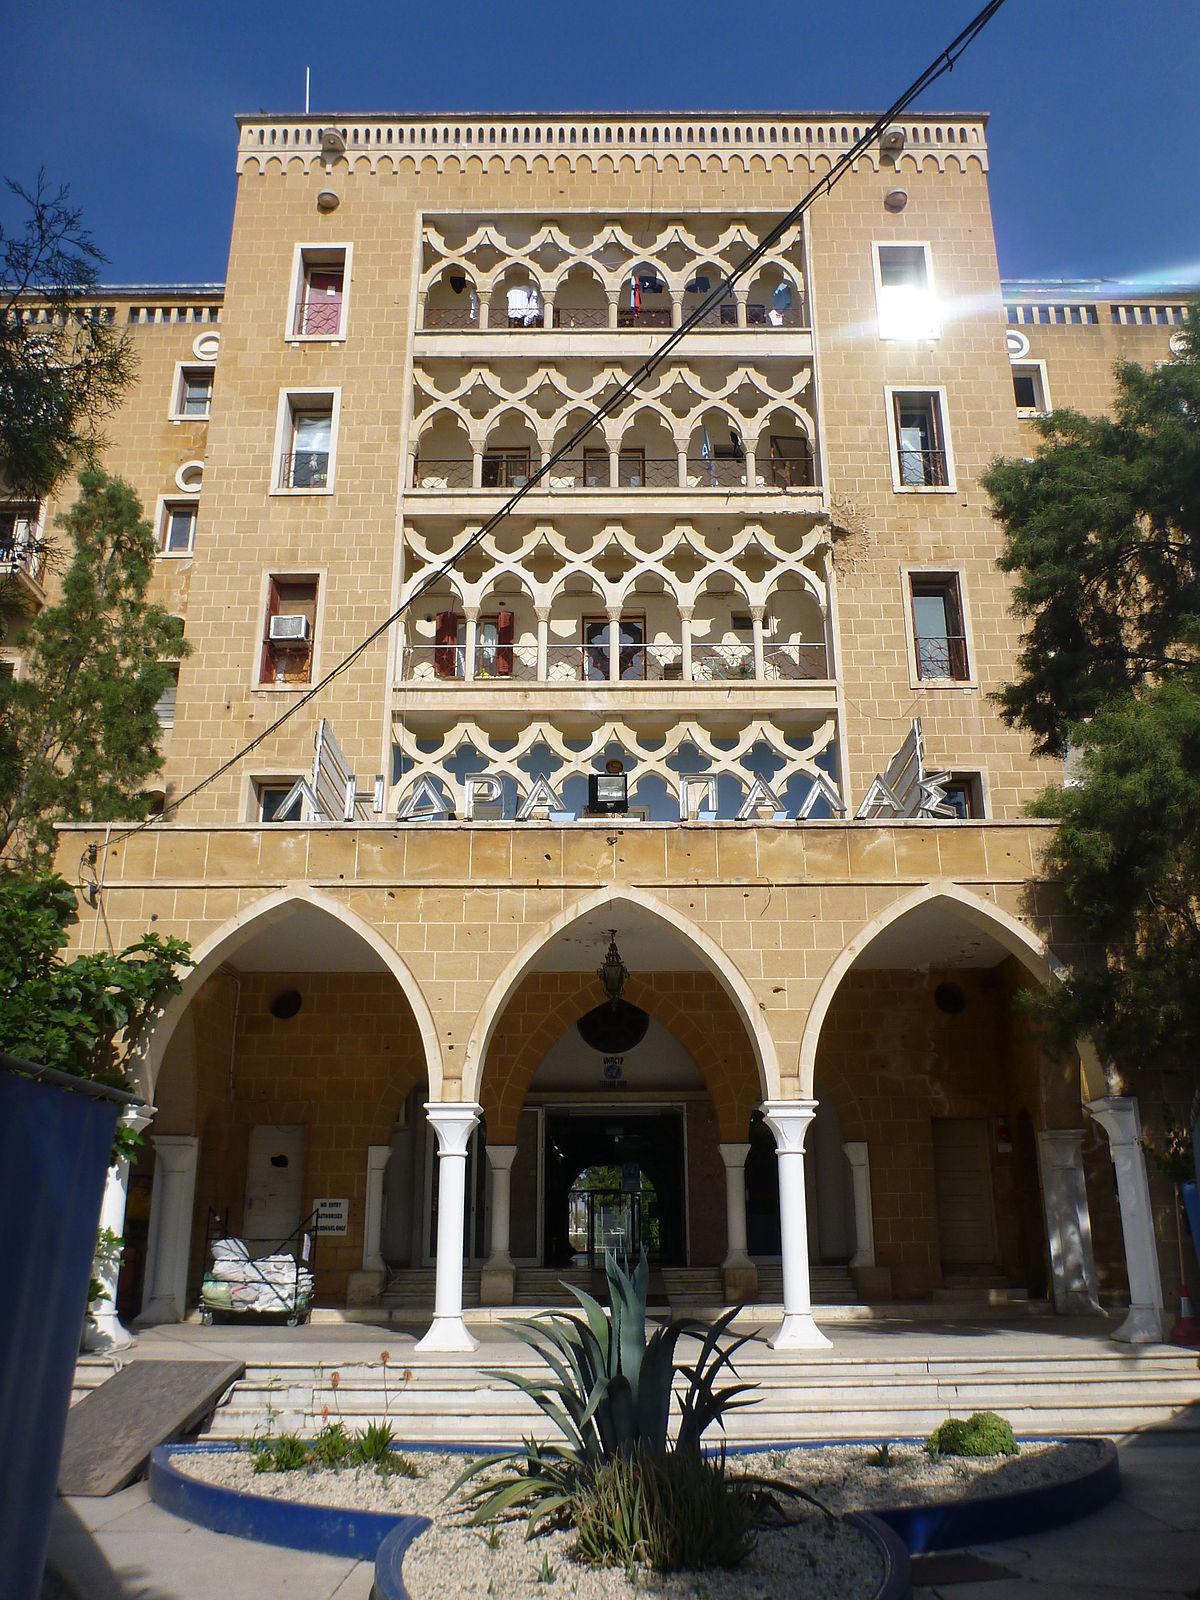 Ledra Palace Hotel  Wikipedia